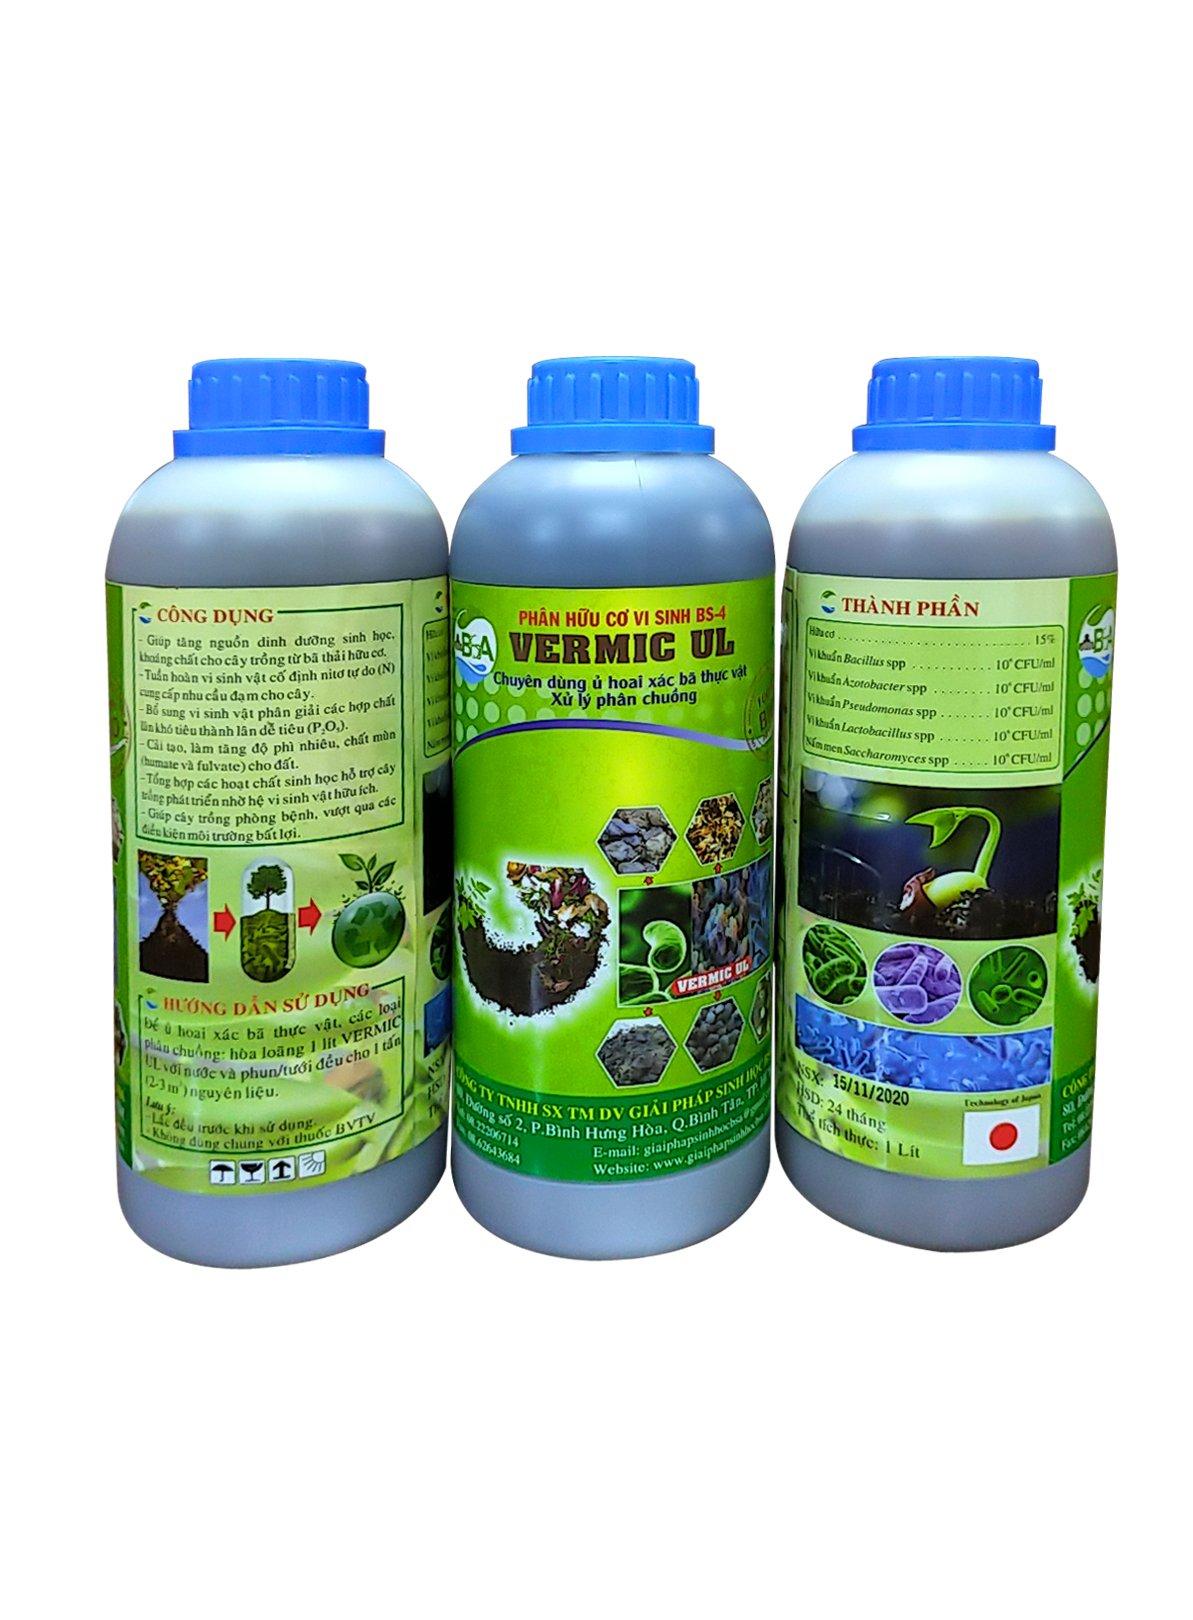 Chế phẩm sinh học Vermic UL - Men vi sinh cao cấp BSA-4 (Dạng lỏng)